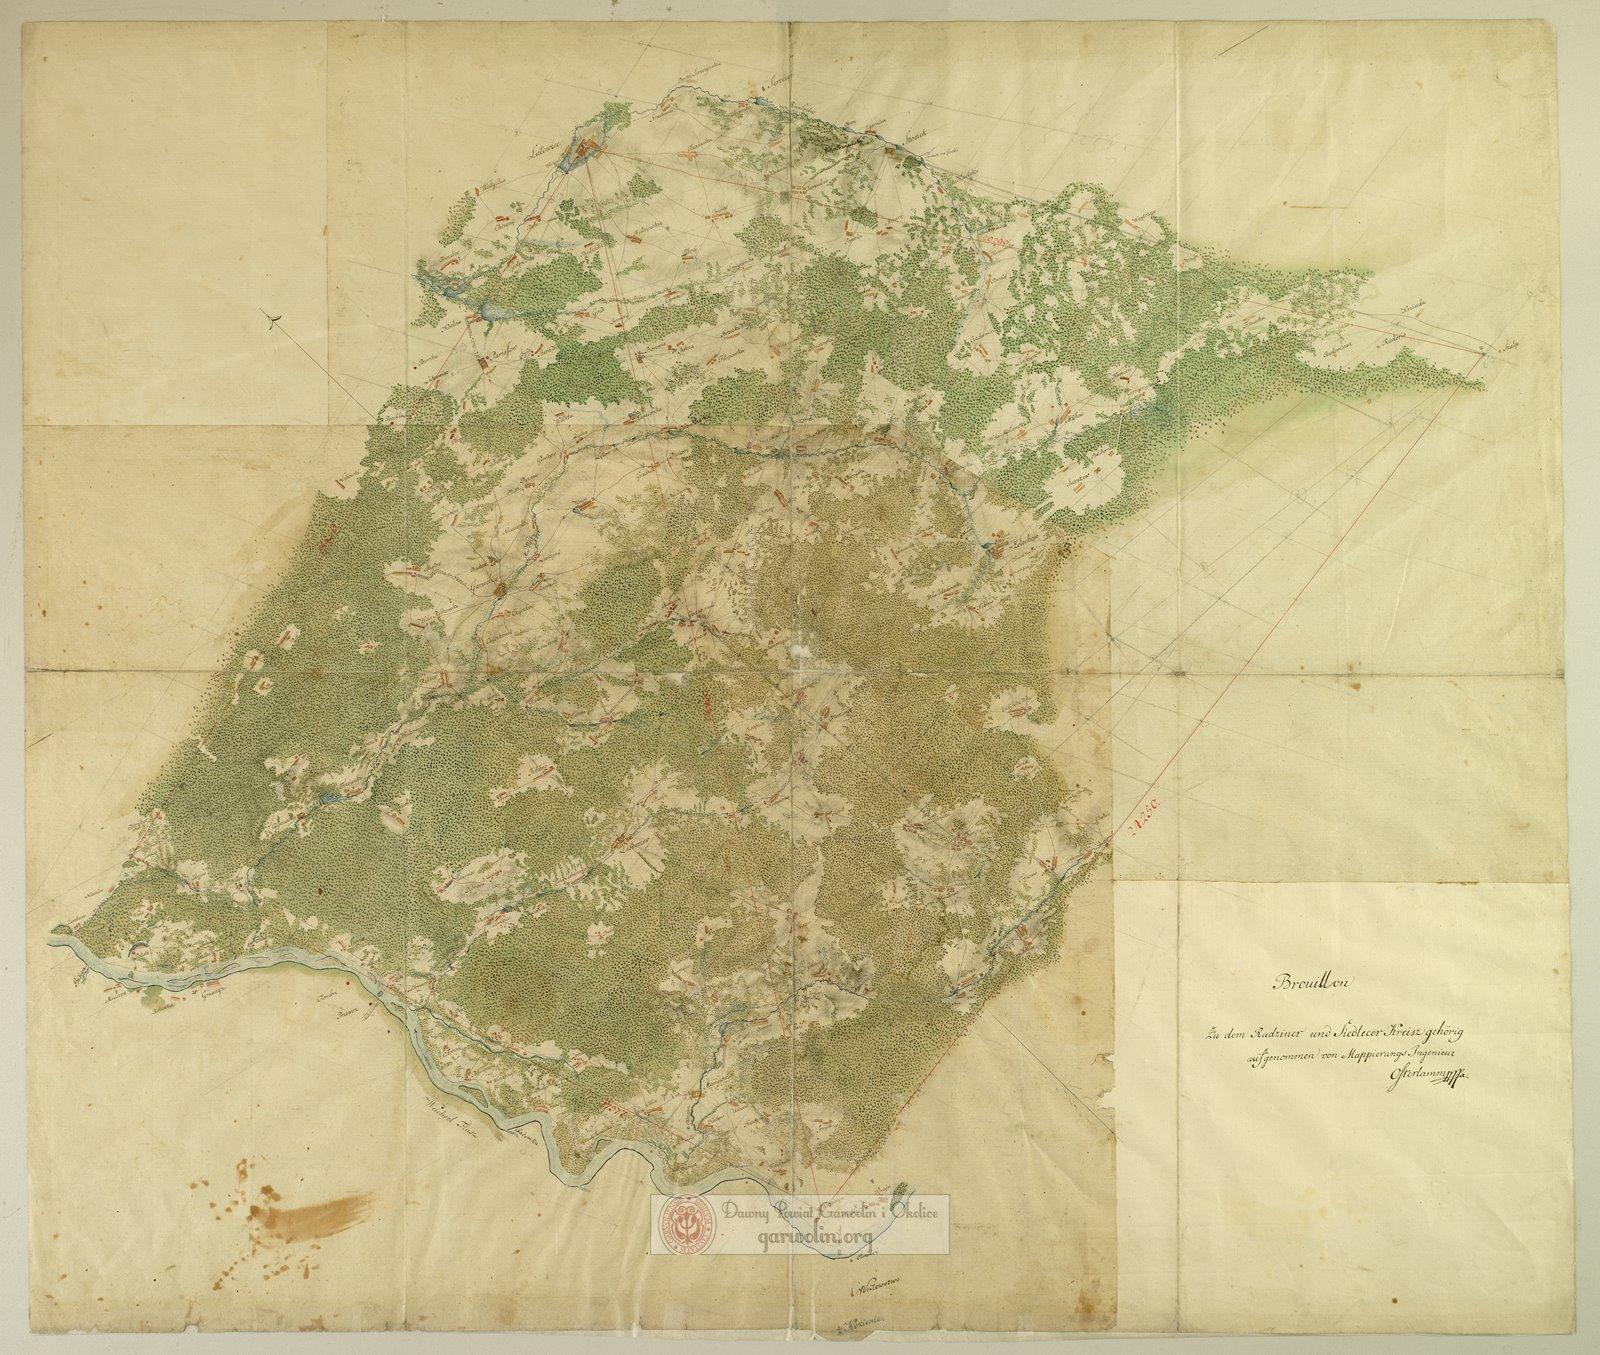 Szczegółowa Mapa okolic Garwolina z 1796 r.